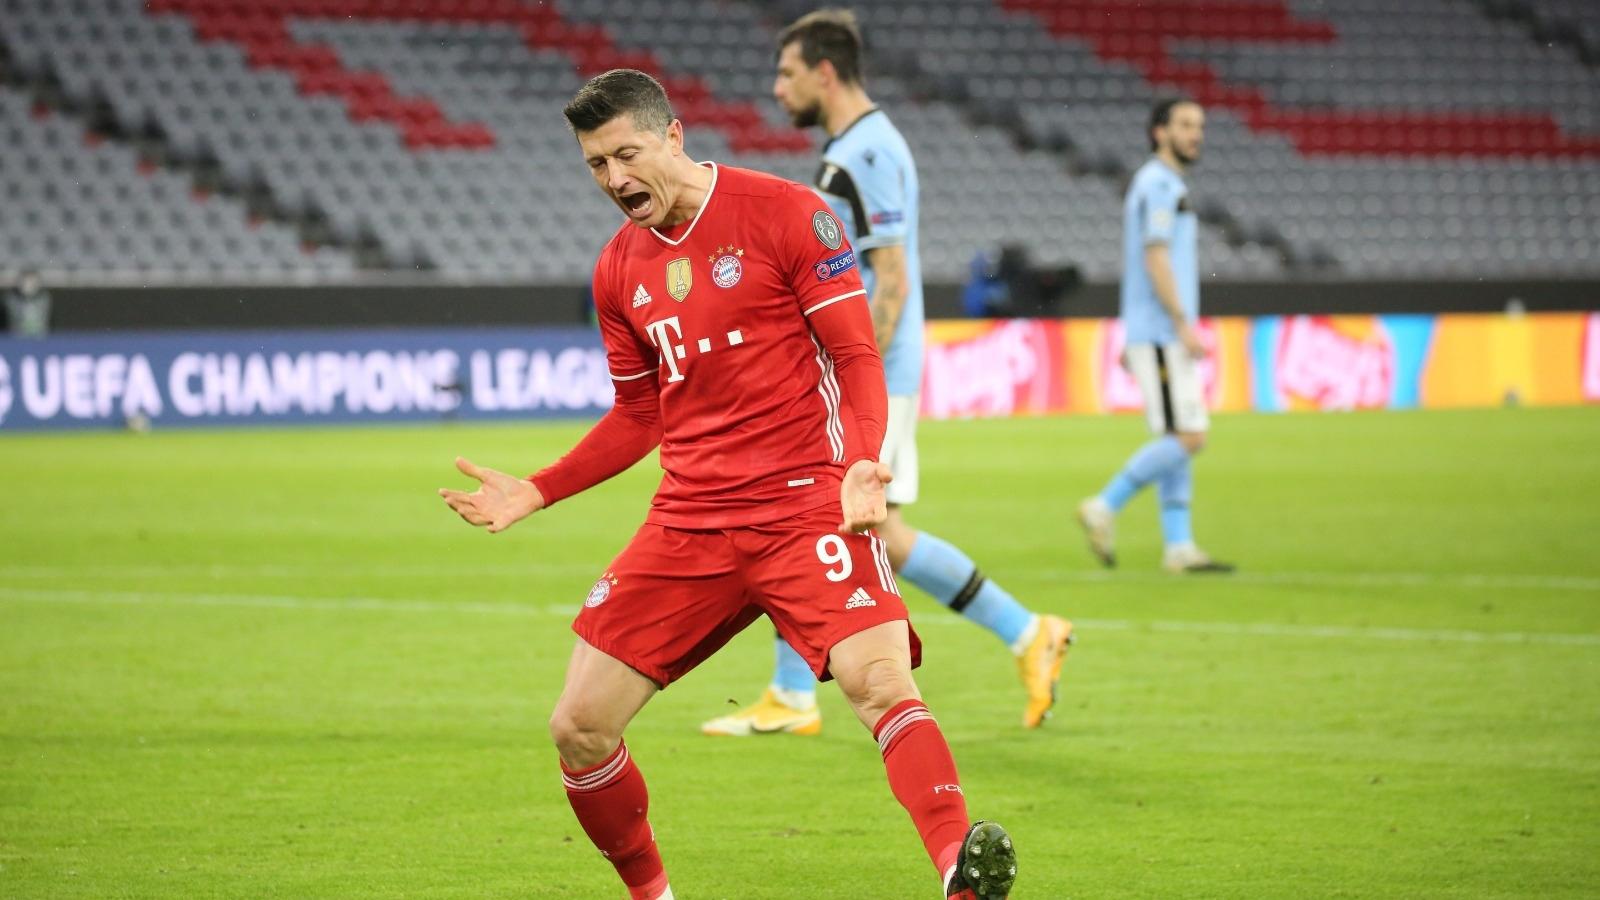 Hạ đẹp Lazio, Bayern Munich thị uy sức mạnh ĐKVĐ Champions League